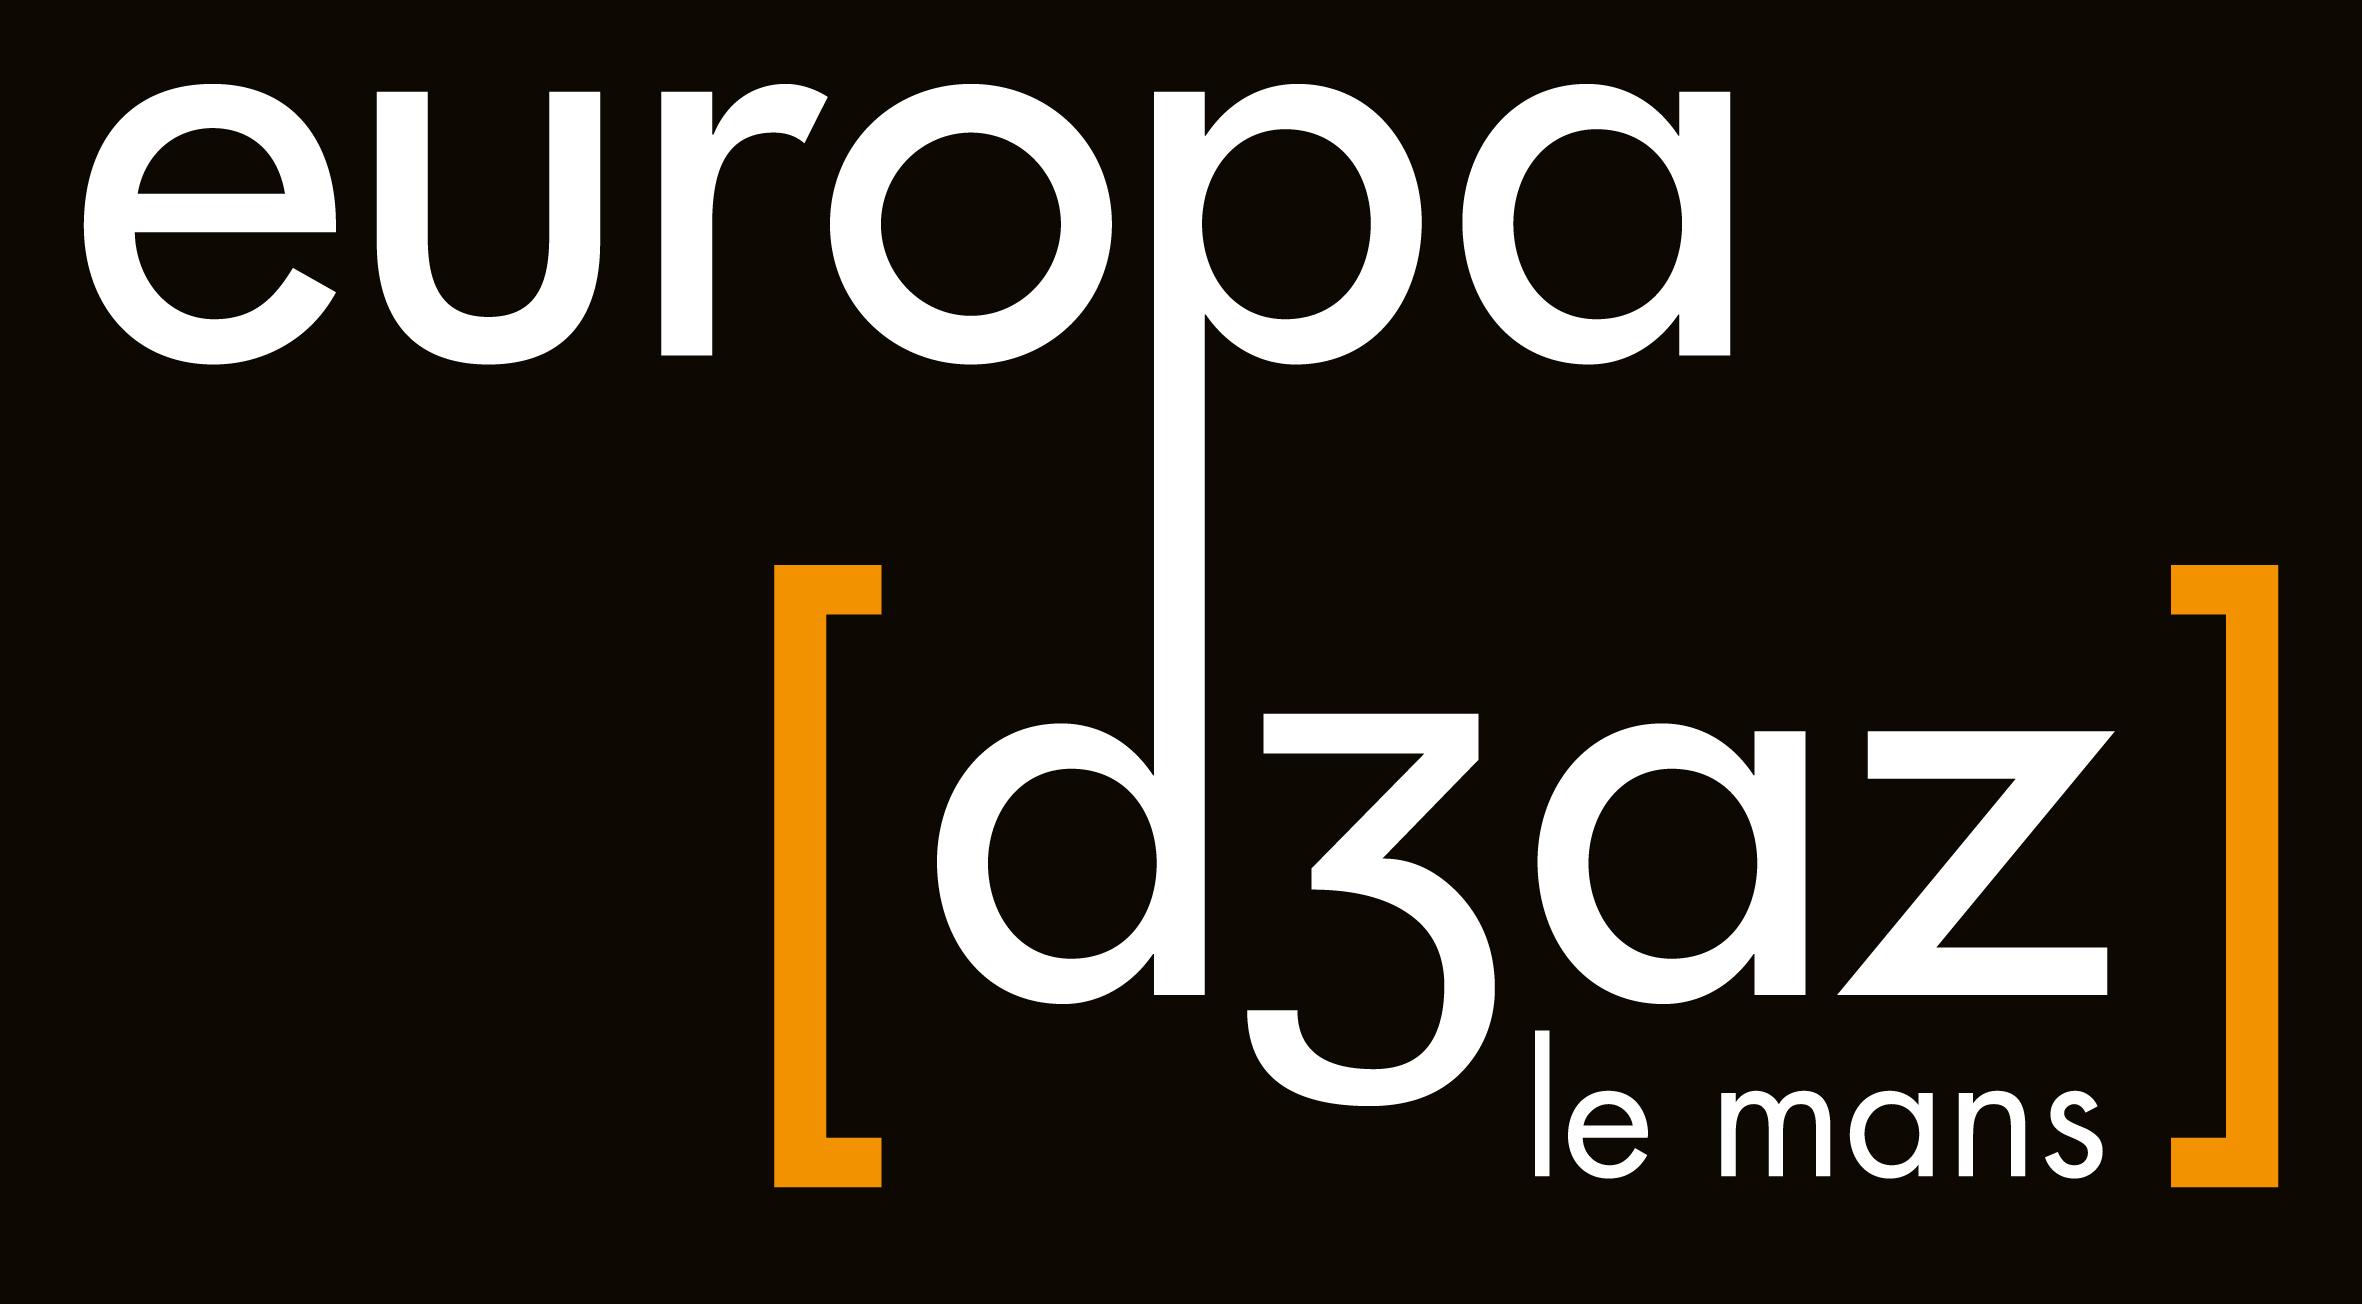 Europajazzlemansfondnoir